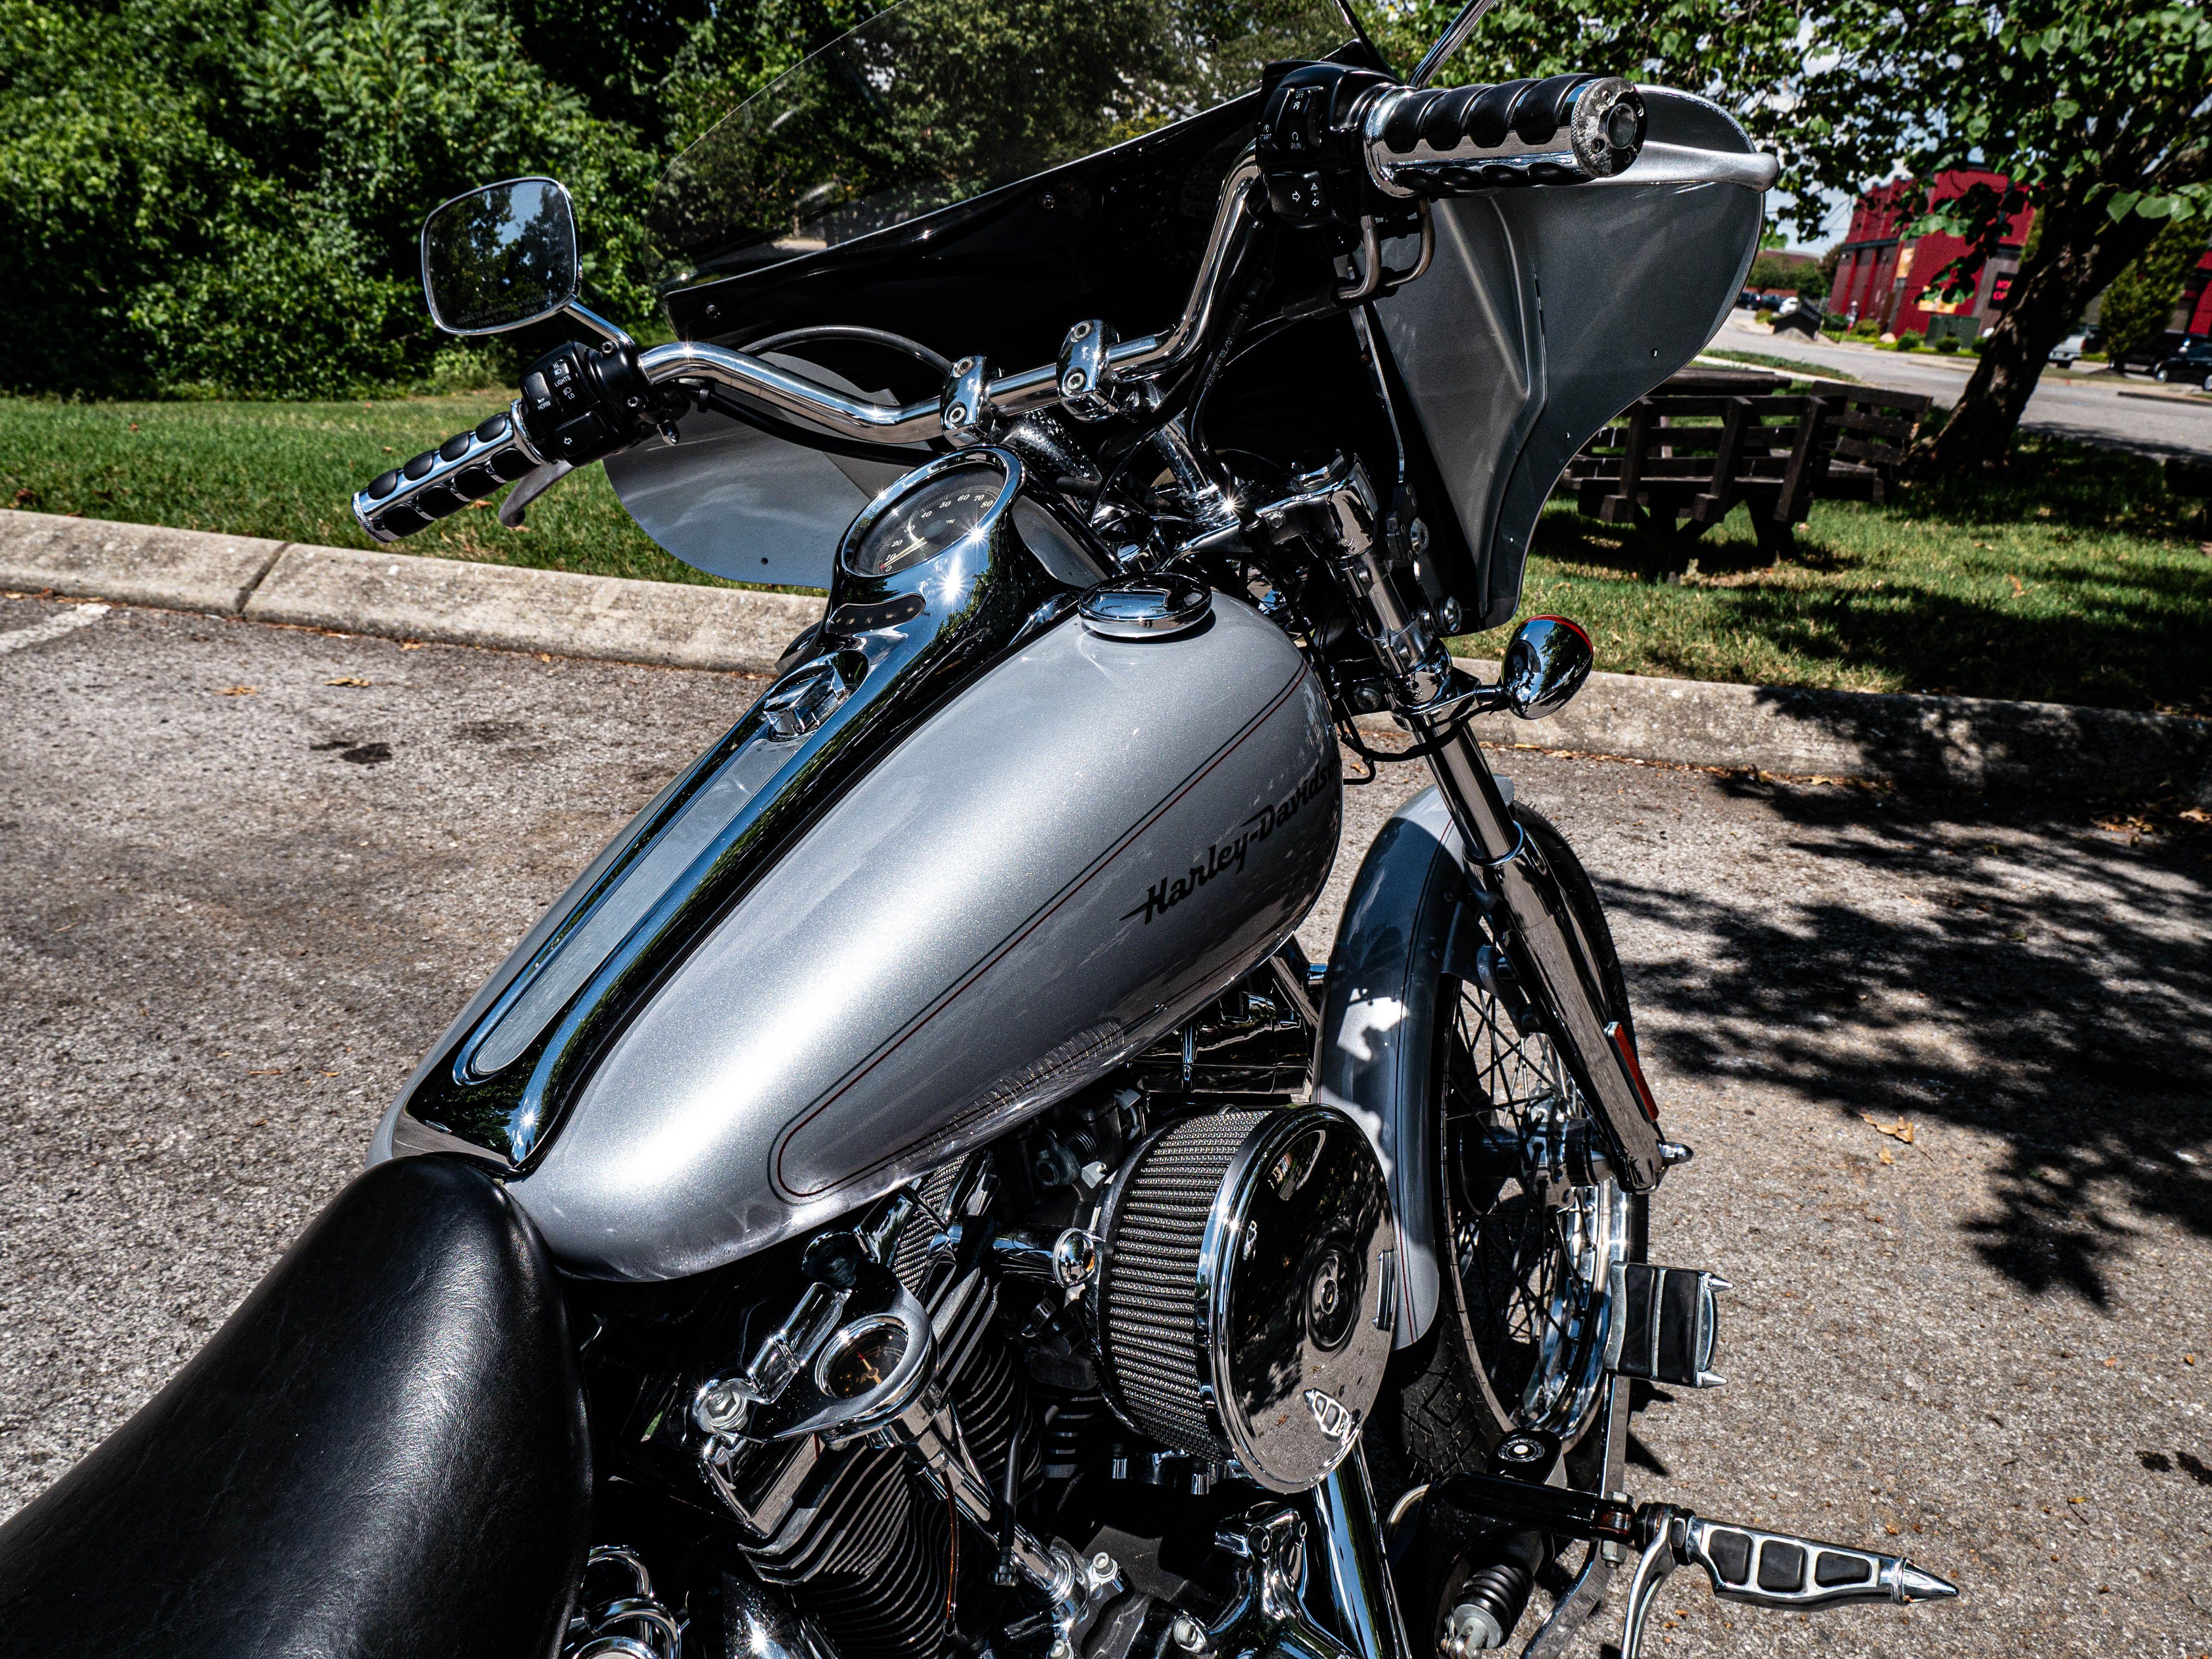 Pre-Owned 2001 Harley-Davidson Deuce